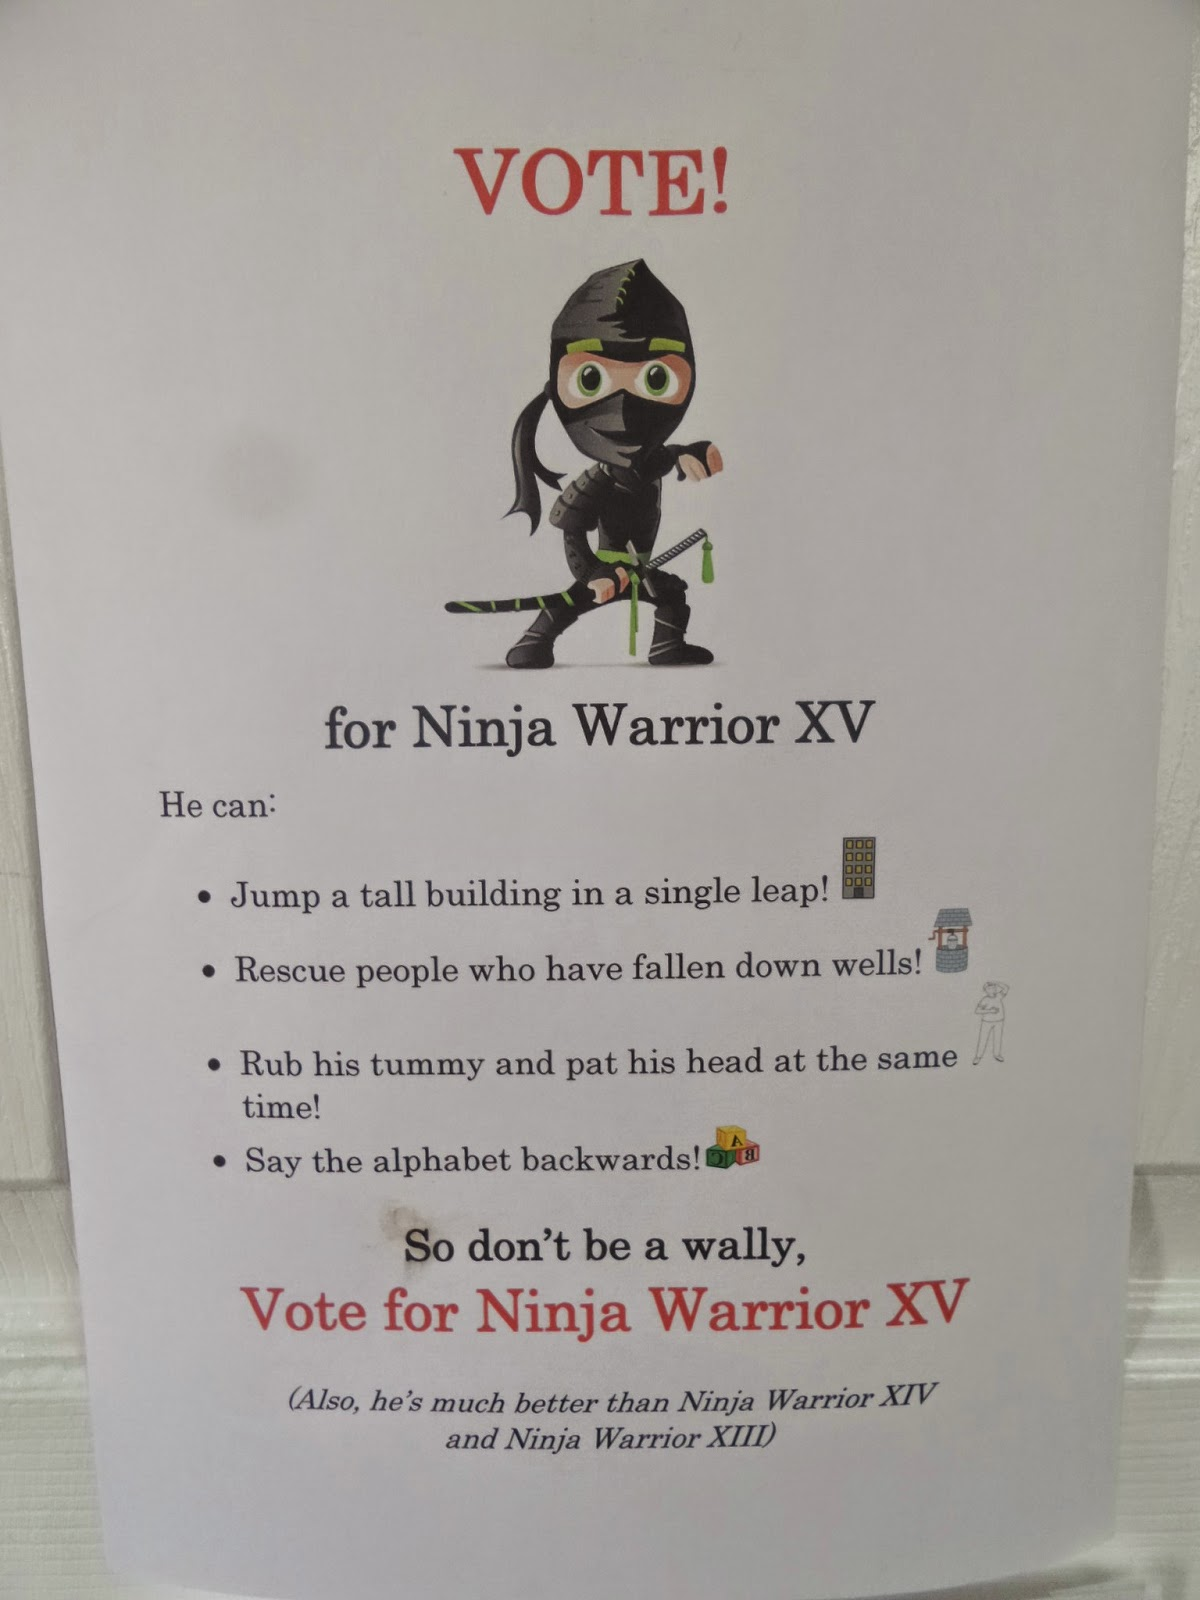 Vote for Ninja Warrior XV